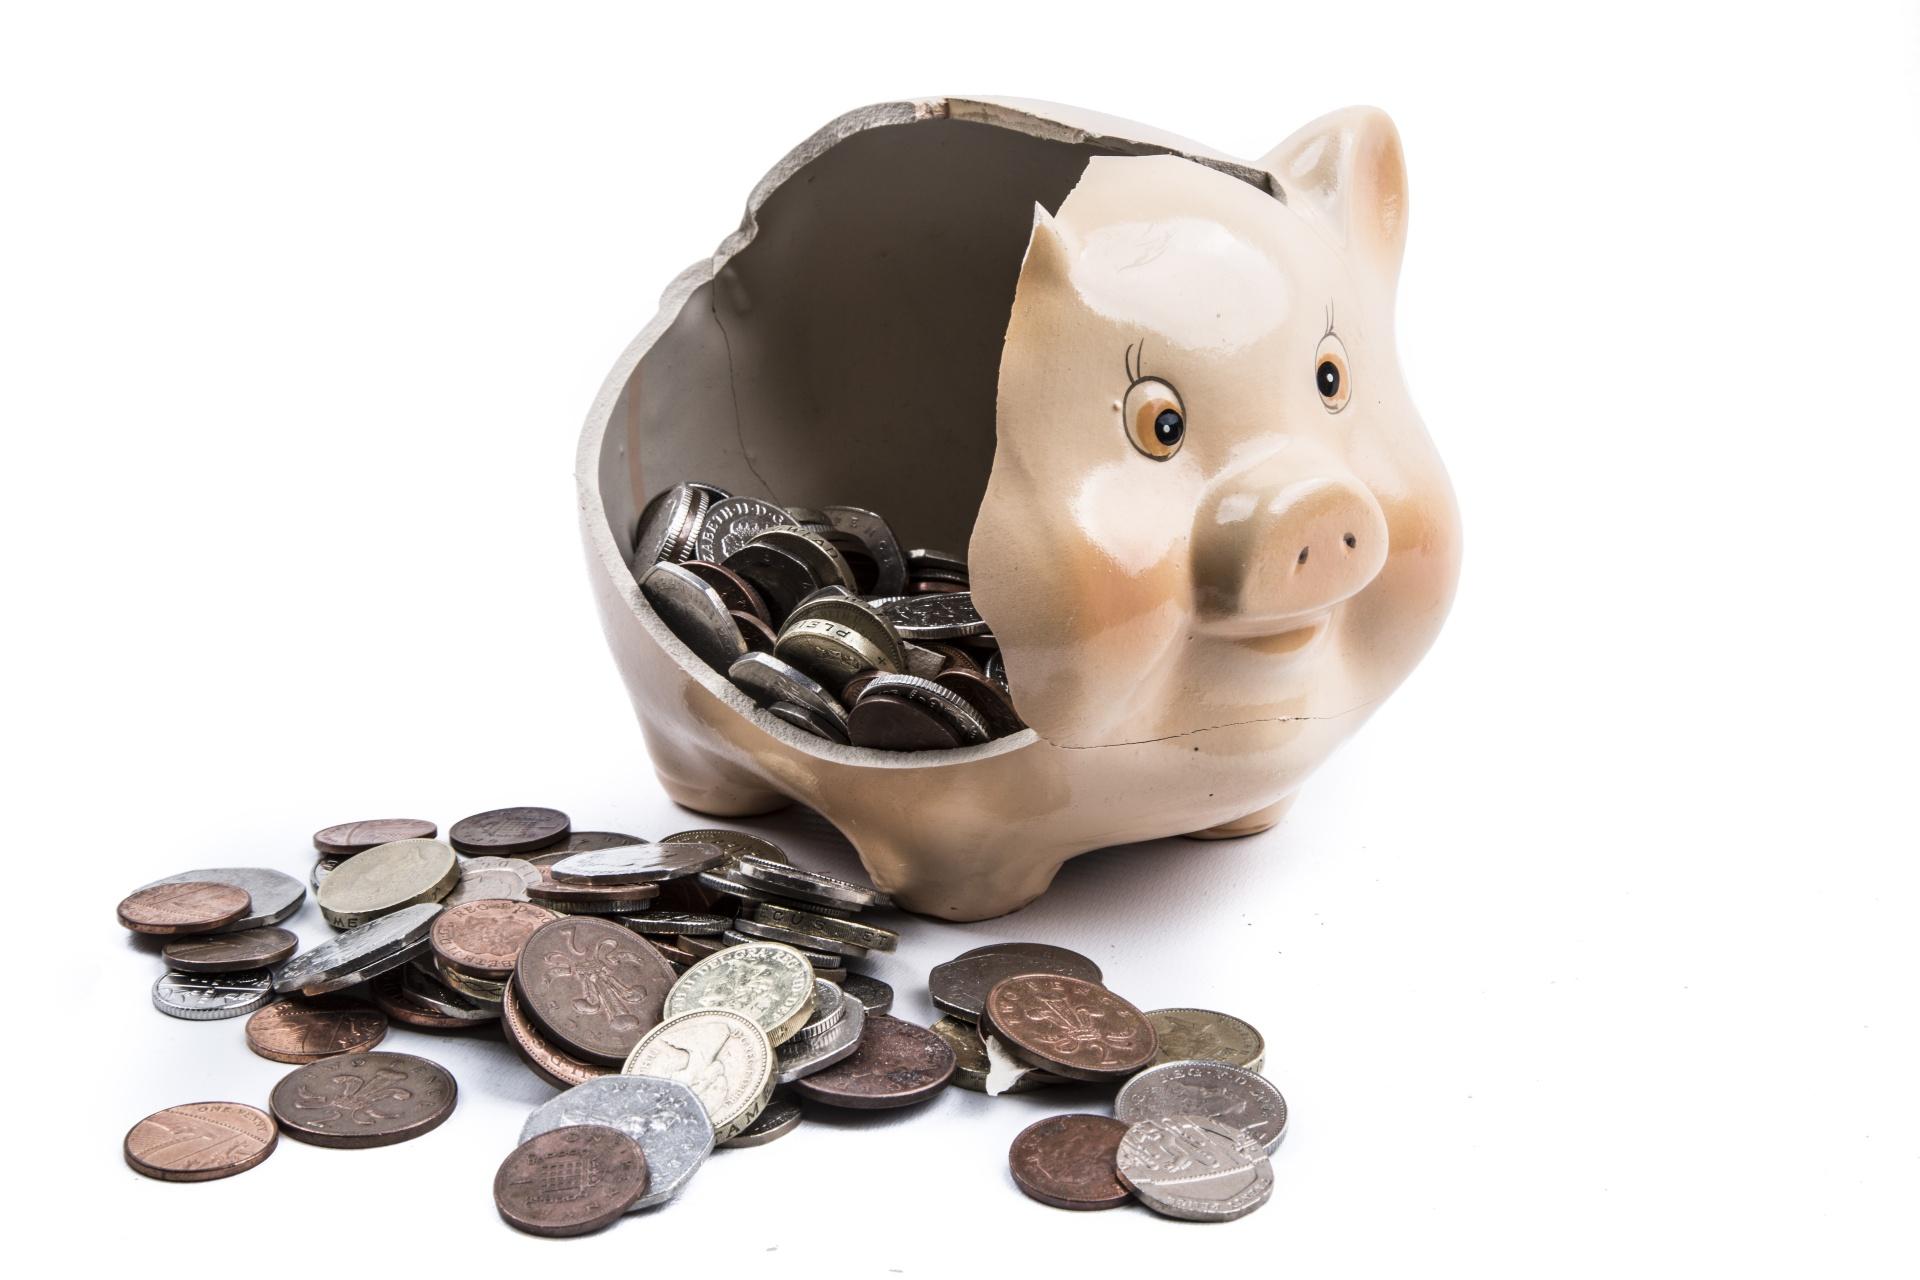 נכון להיום לא כדאי להפקיד את הכסף שלכם בבנקים, במקום כדאי להשקיע בשוק ההון באמצעות השקעה במדדים, או דרך קרנות נאמנות.